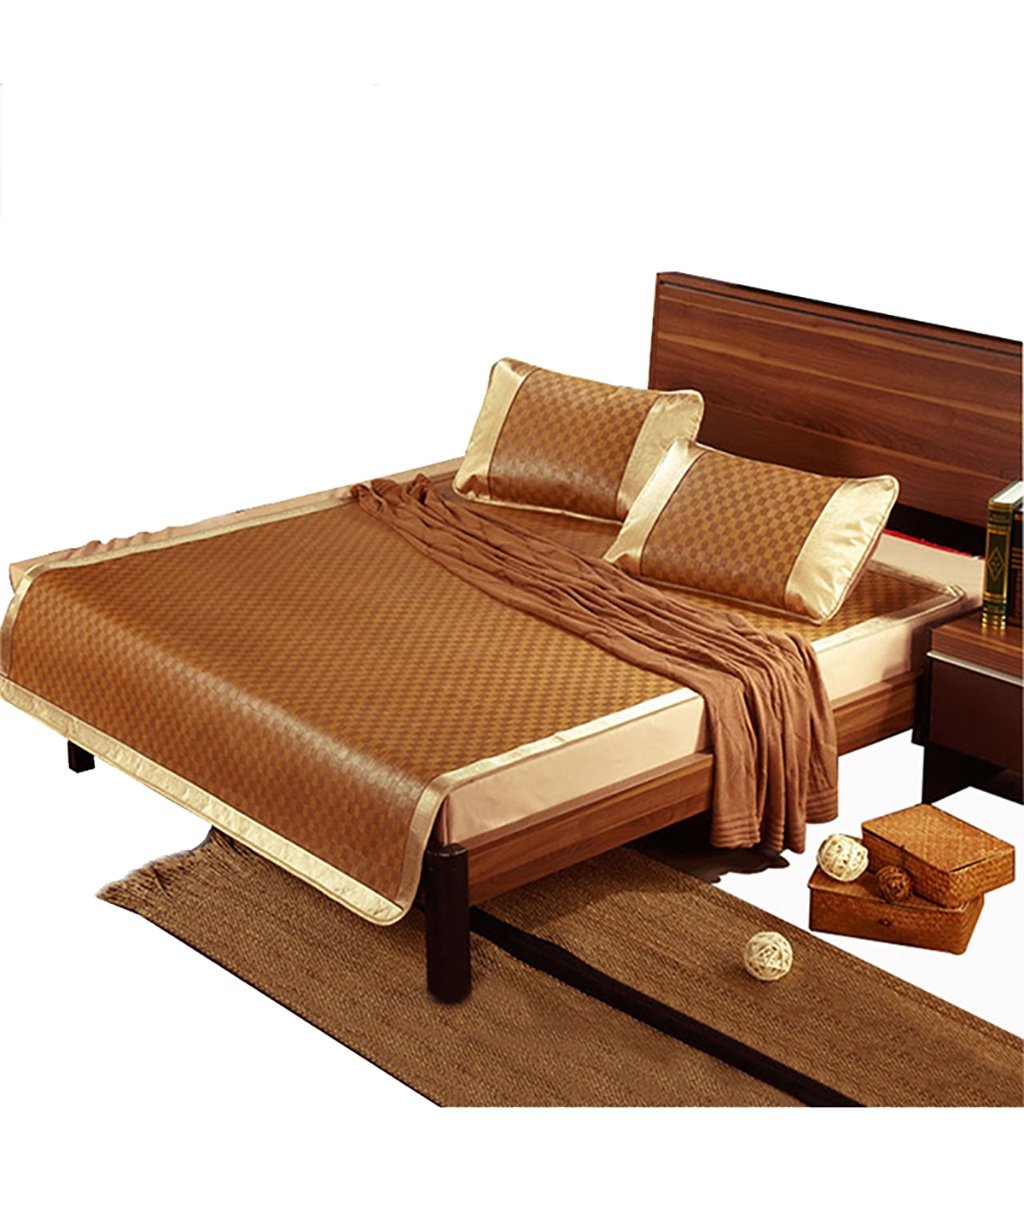 WENZHE Matratzen Strohmatte Teppiche Bambus Sommer Schlafmatten Haushalt Atmungsaktiv Faltbar Matten (größe : 0.8  1.9m)